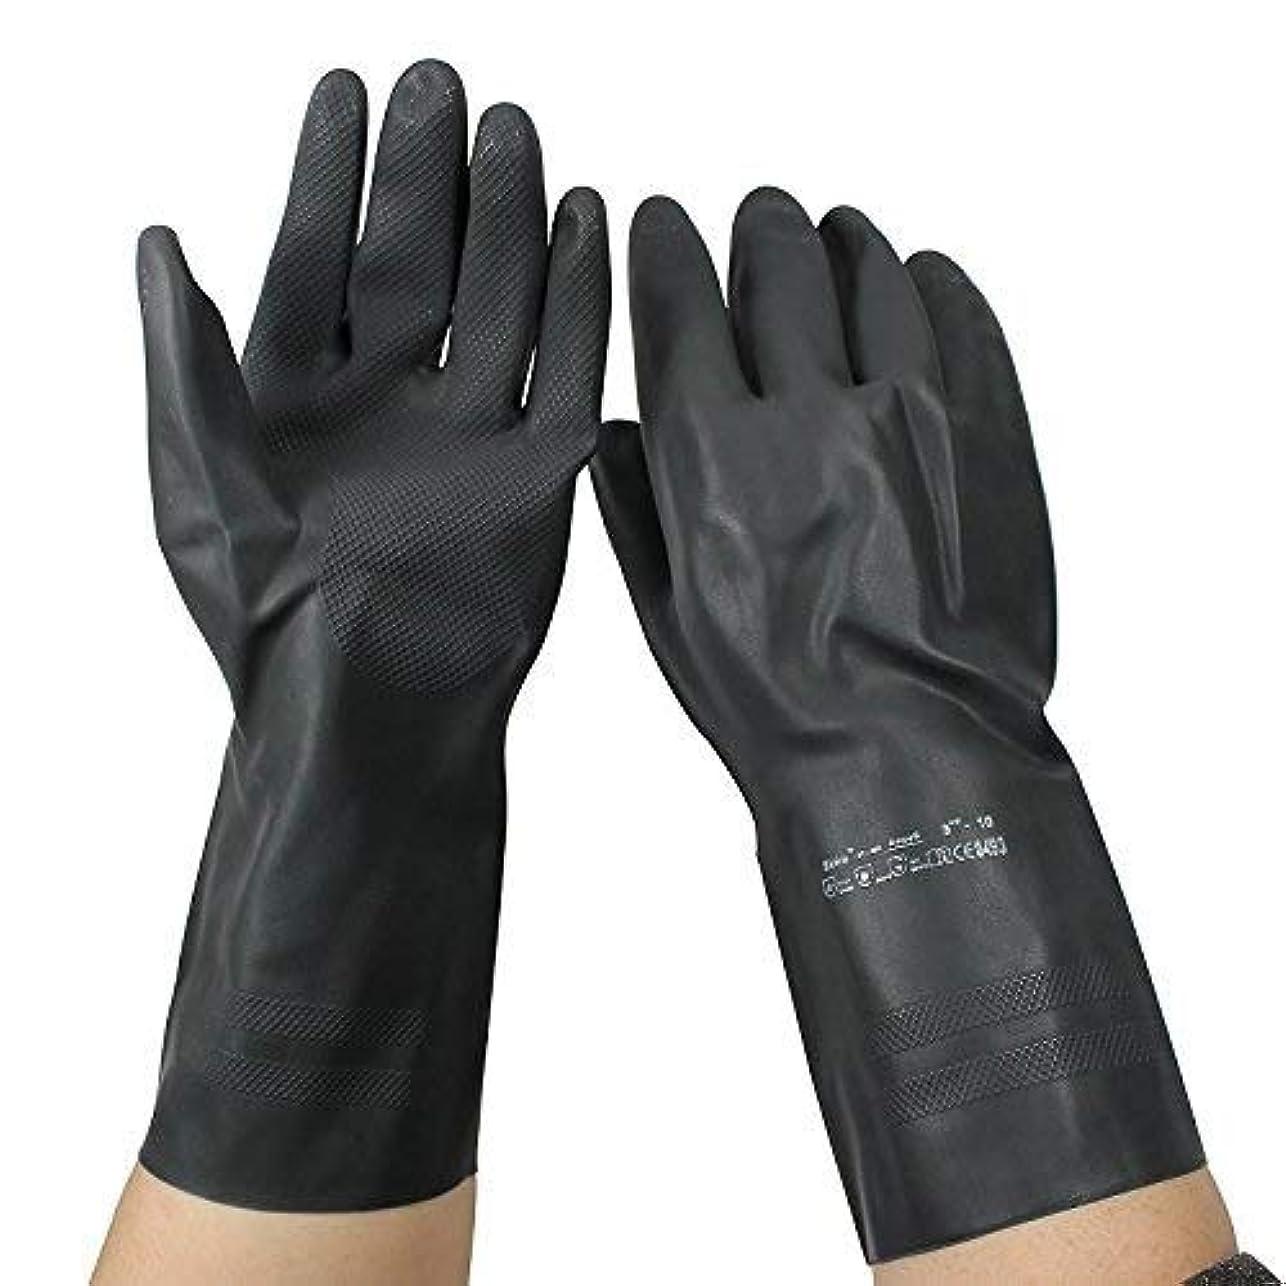 モジュールせっかち水平XWYST ゴム手袋/溶接断熱労働保護手袋